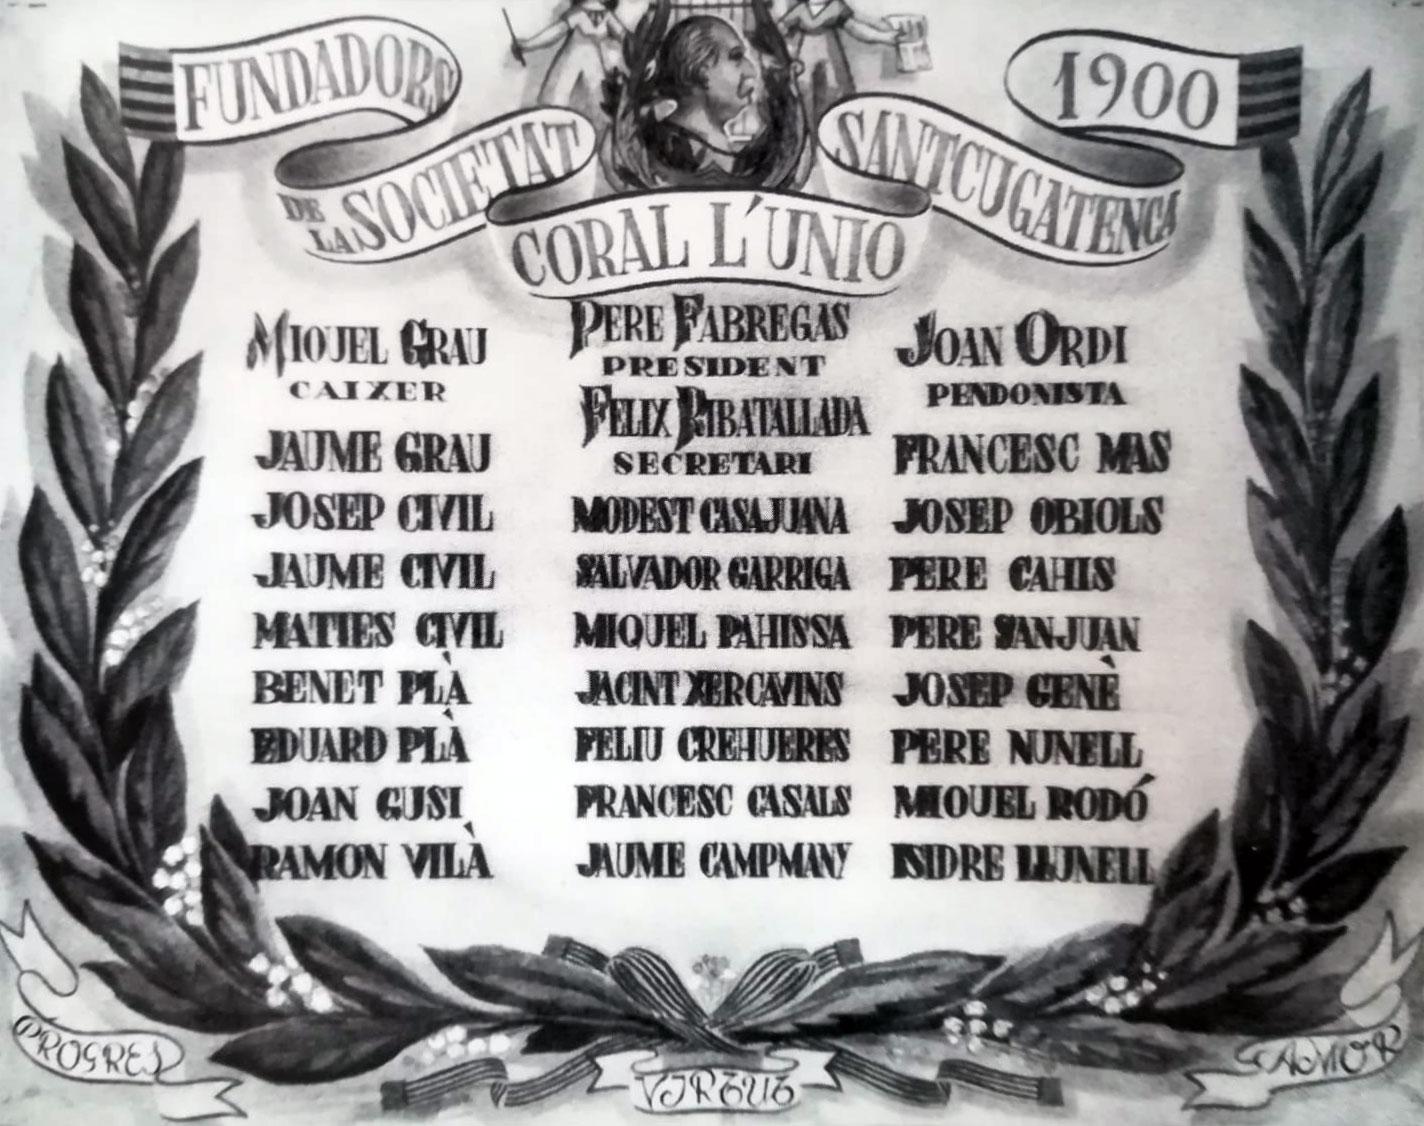 Socis fundadors de l'entitat el 1900